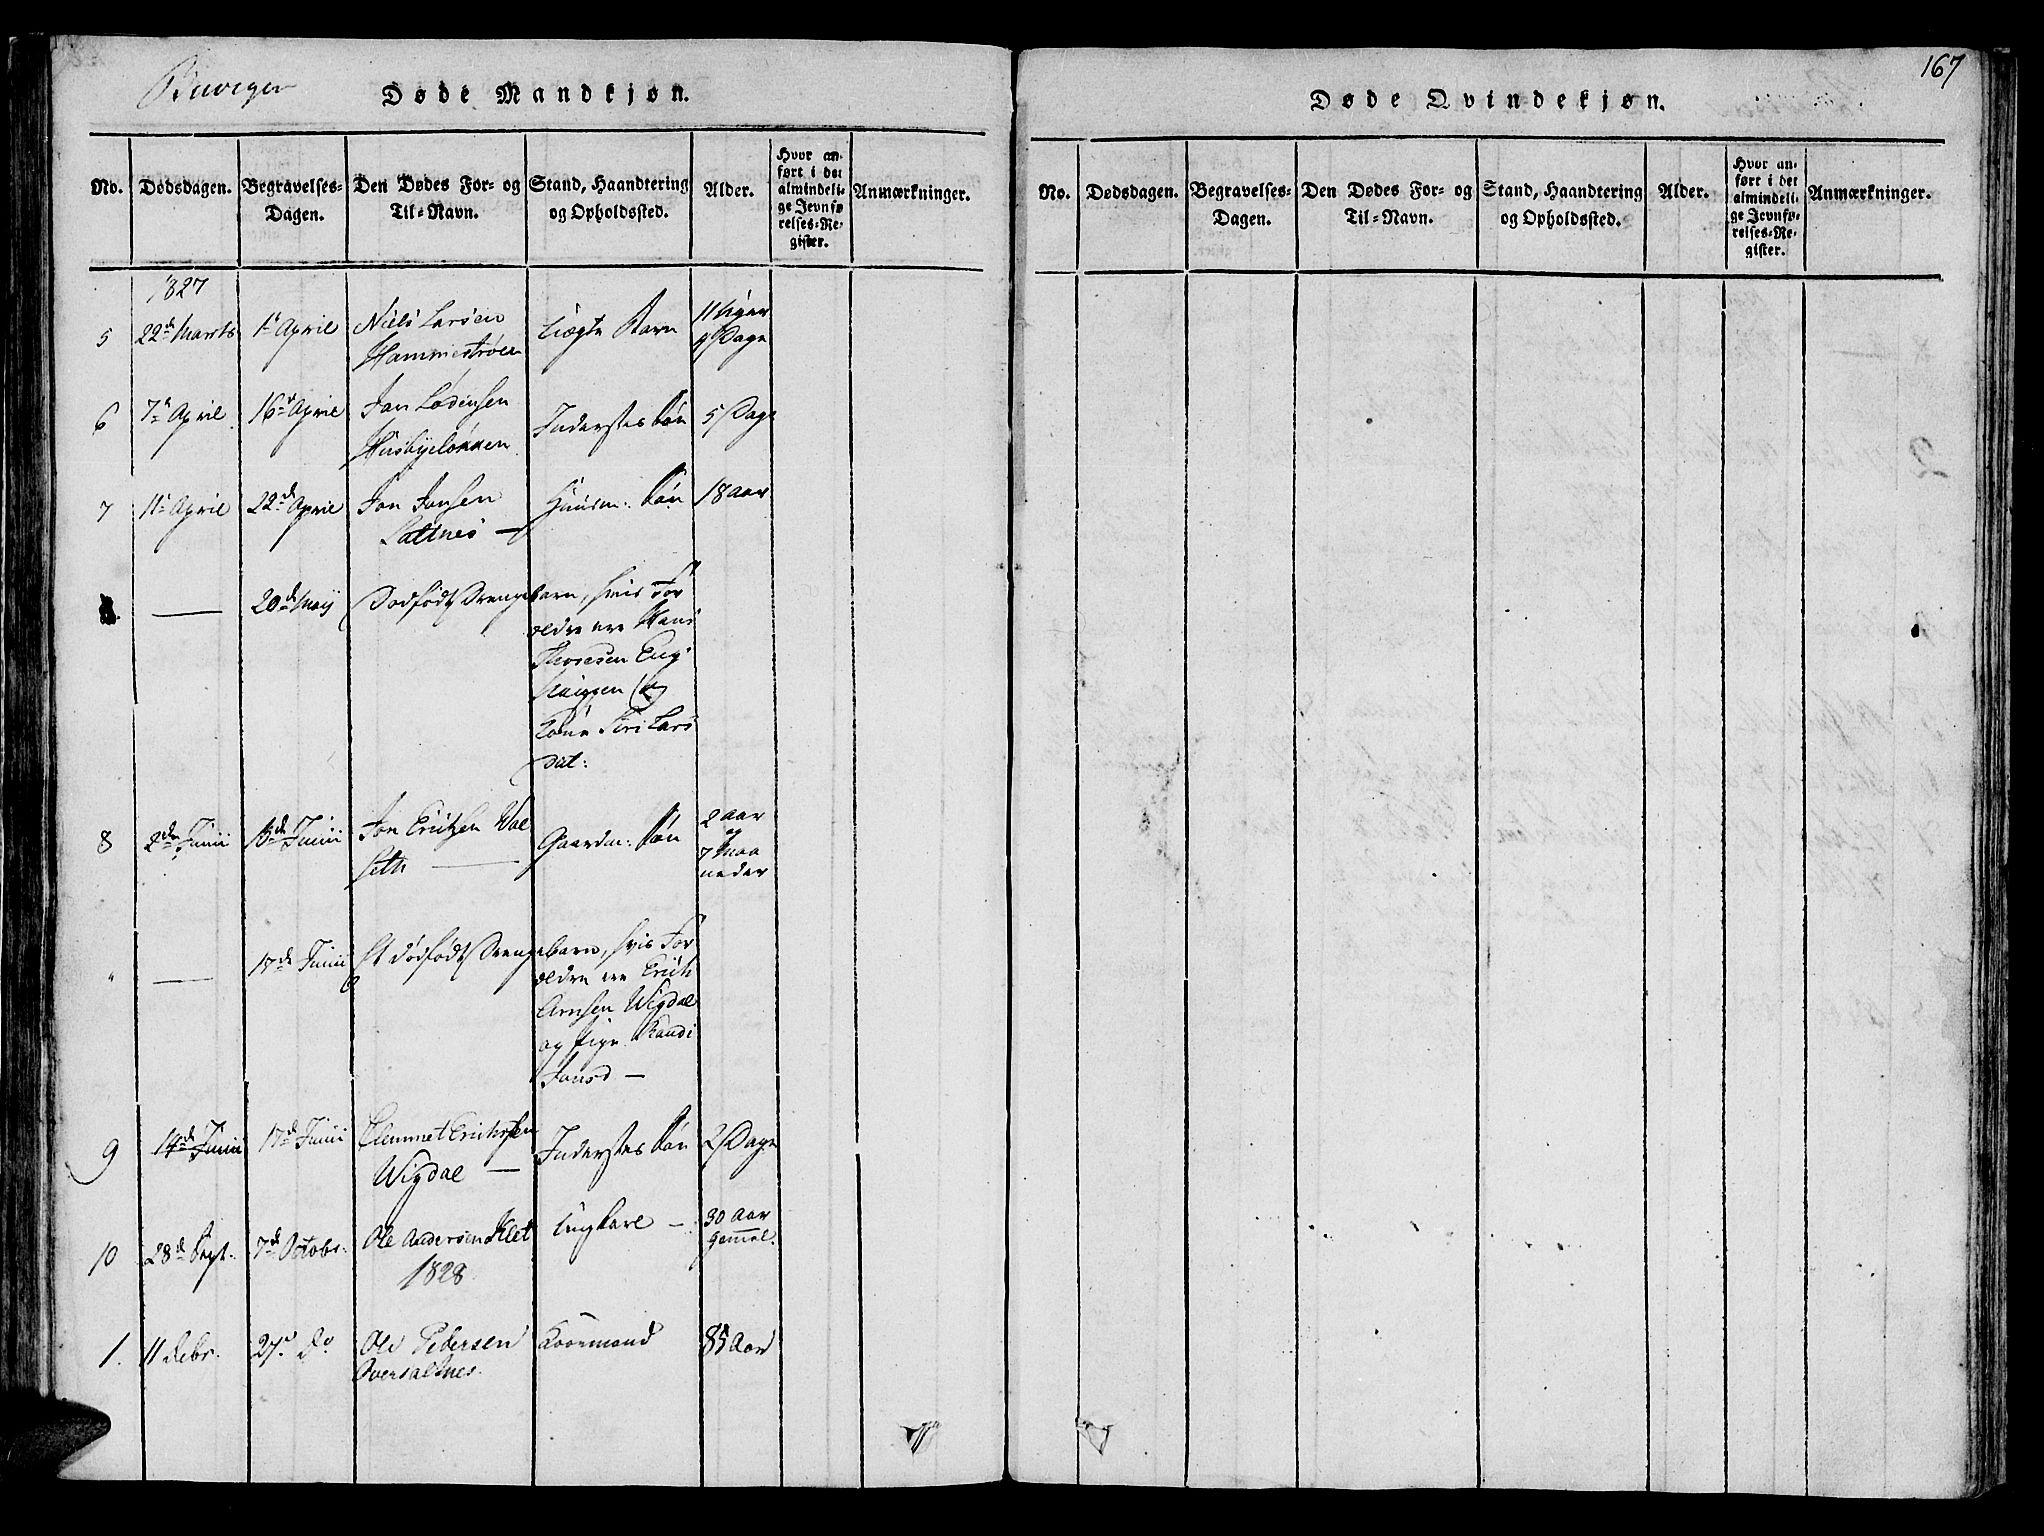 SAT, Ministerialprotokoller, klokkerbøker og fødselsregistre - Sør-Trøndelag, 612/L0373: Ministerialbok nr. 612A06 /2, 1816-1828, s. 167